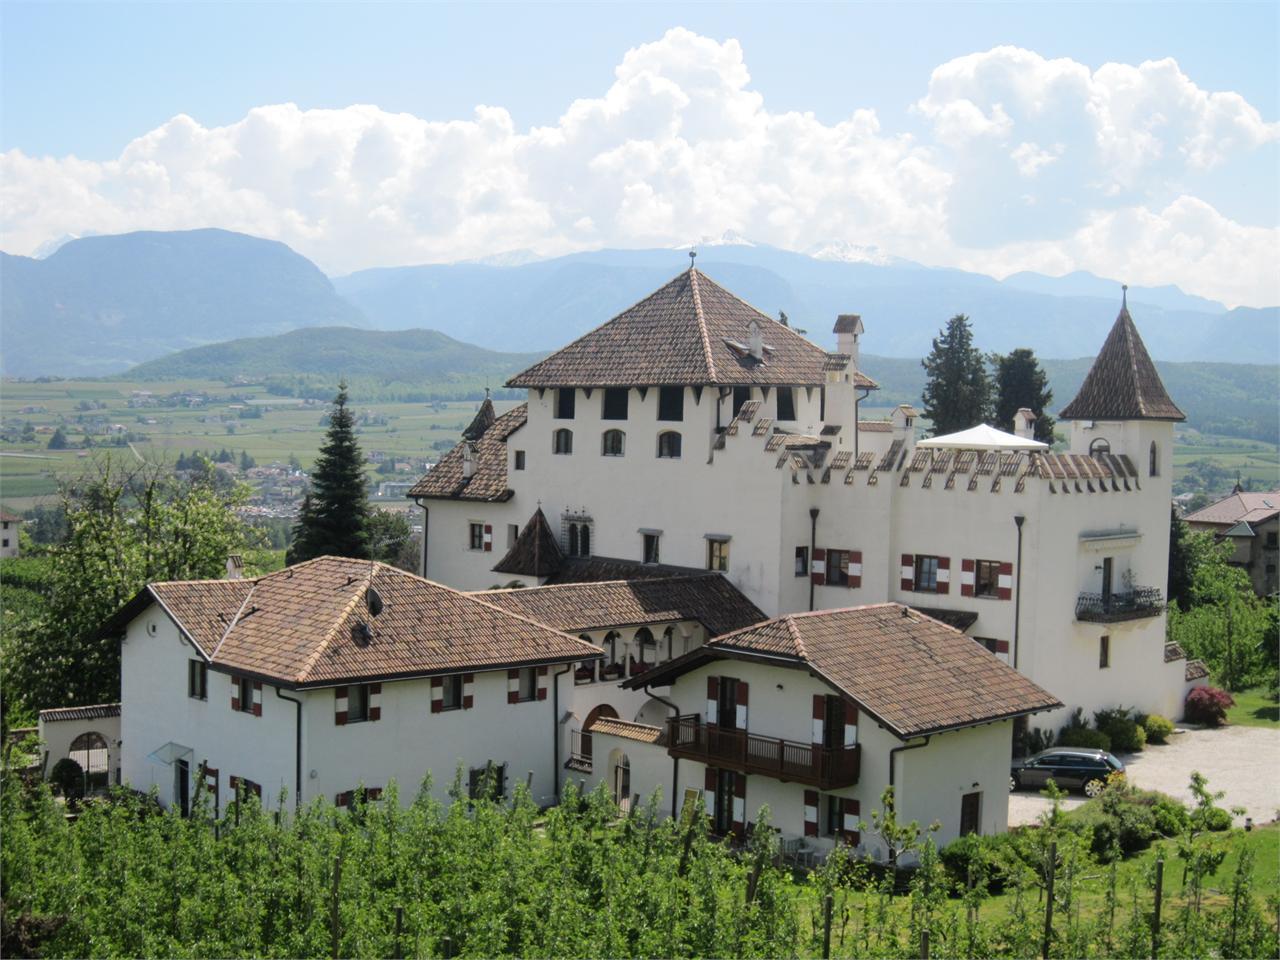 Garni Castello Paschbach